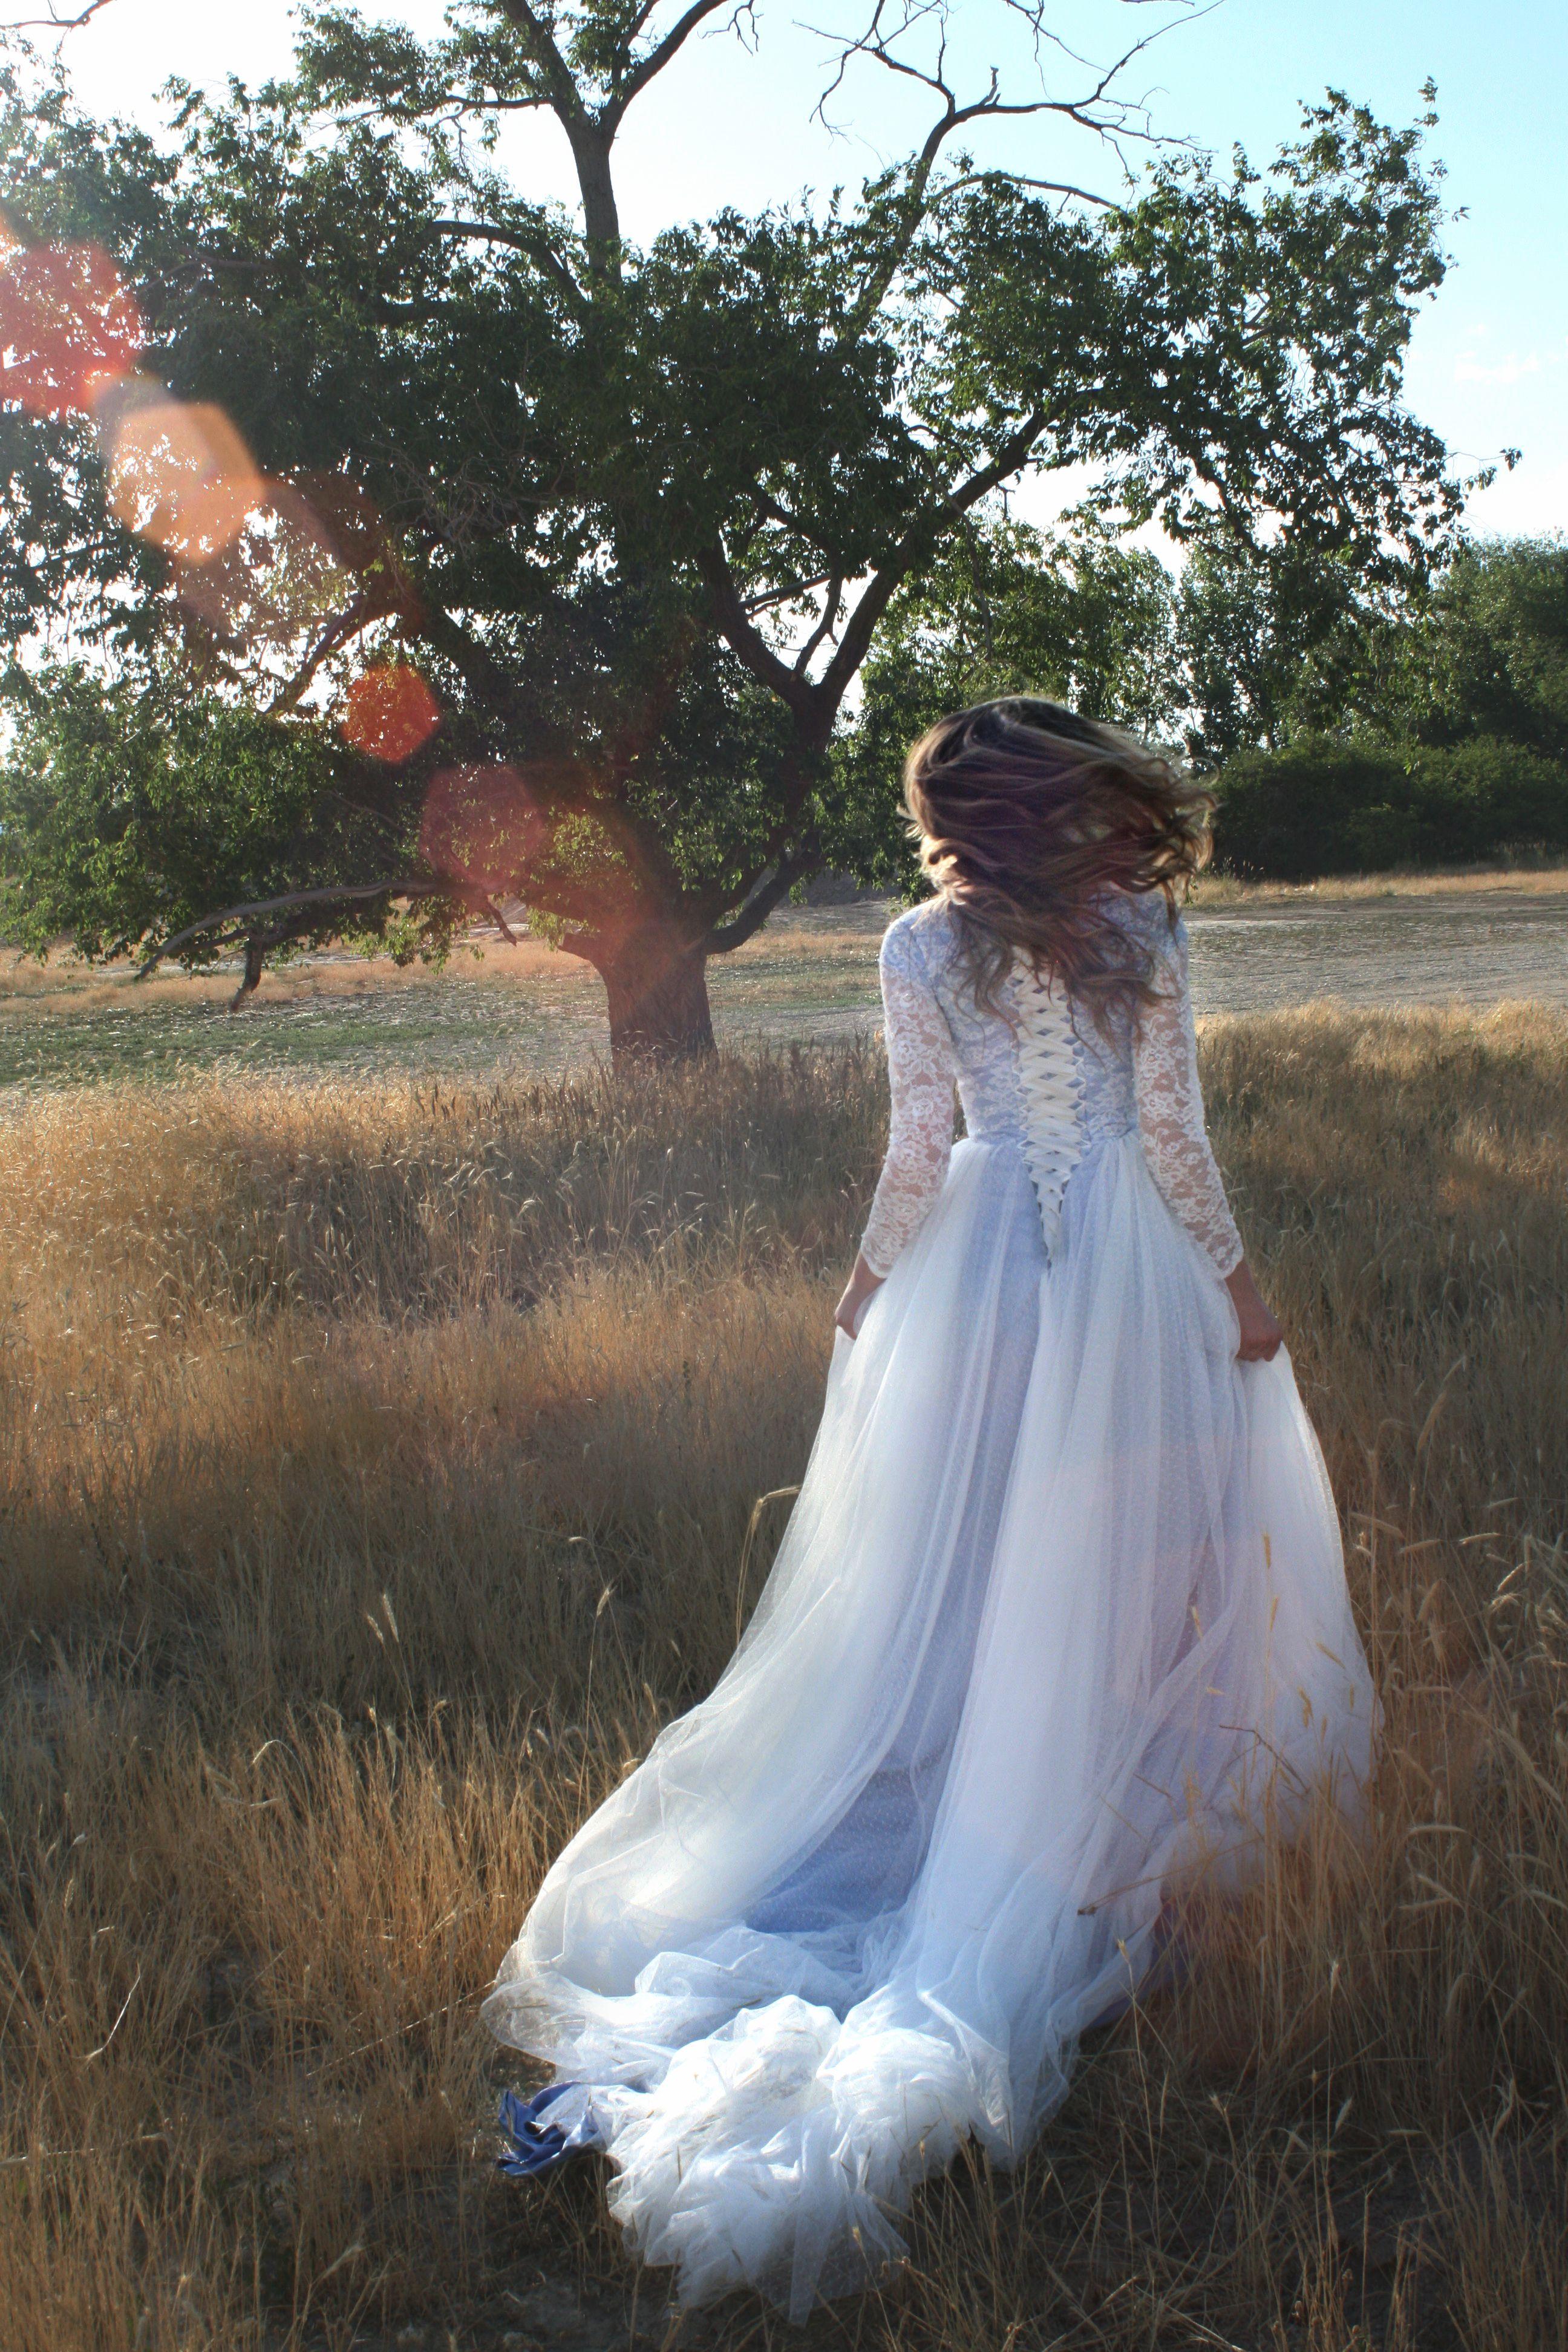 gown by Elizabeth Cooper Design modest wedding